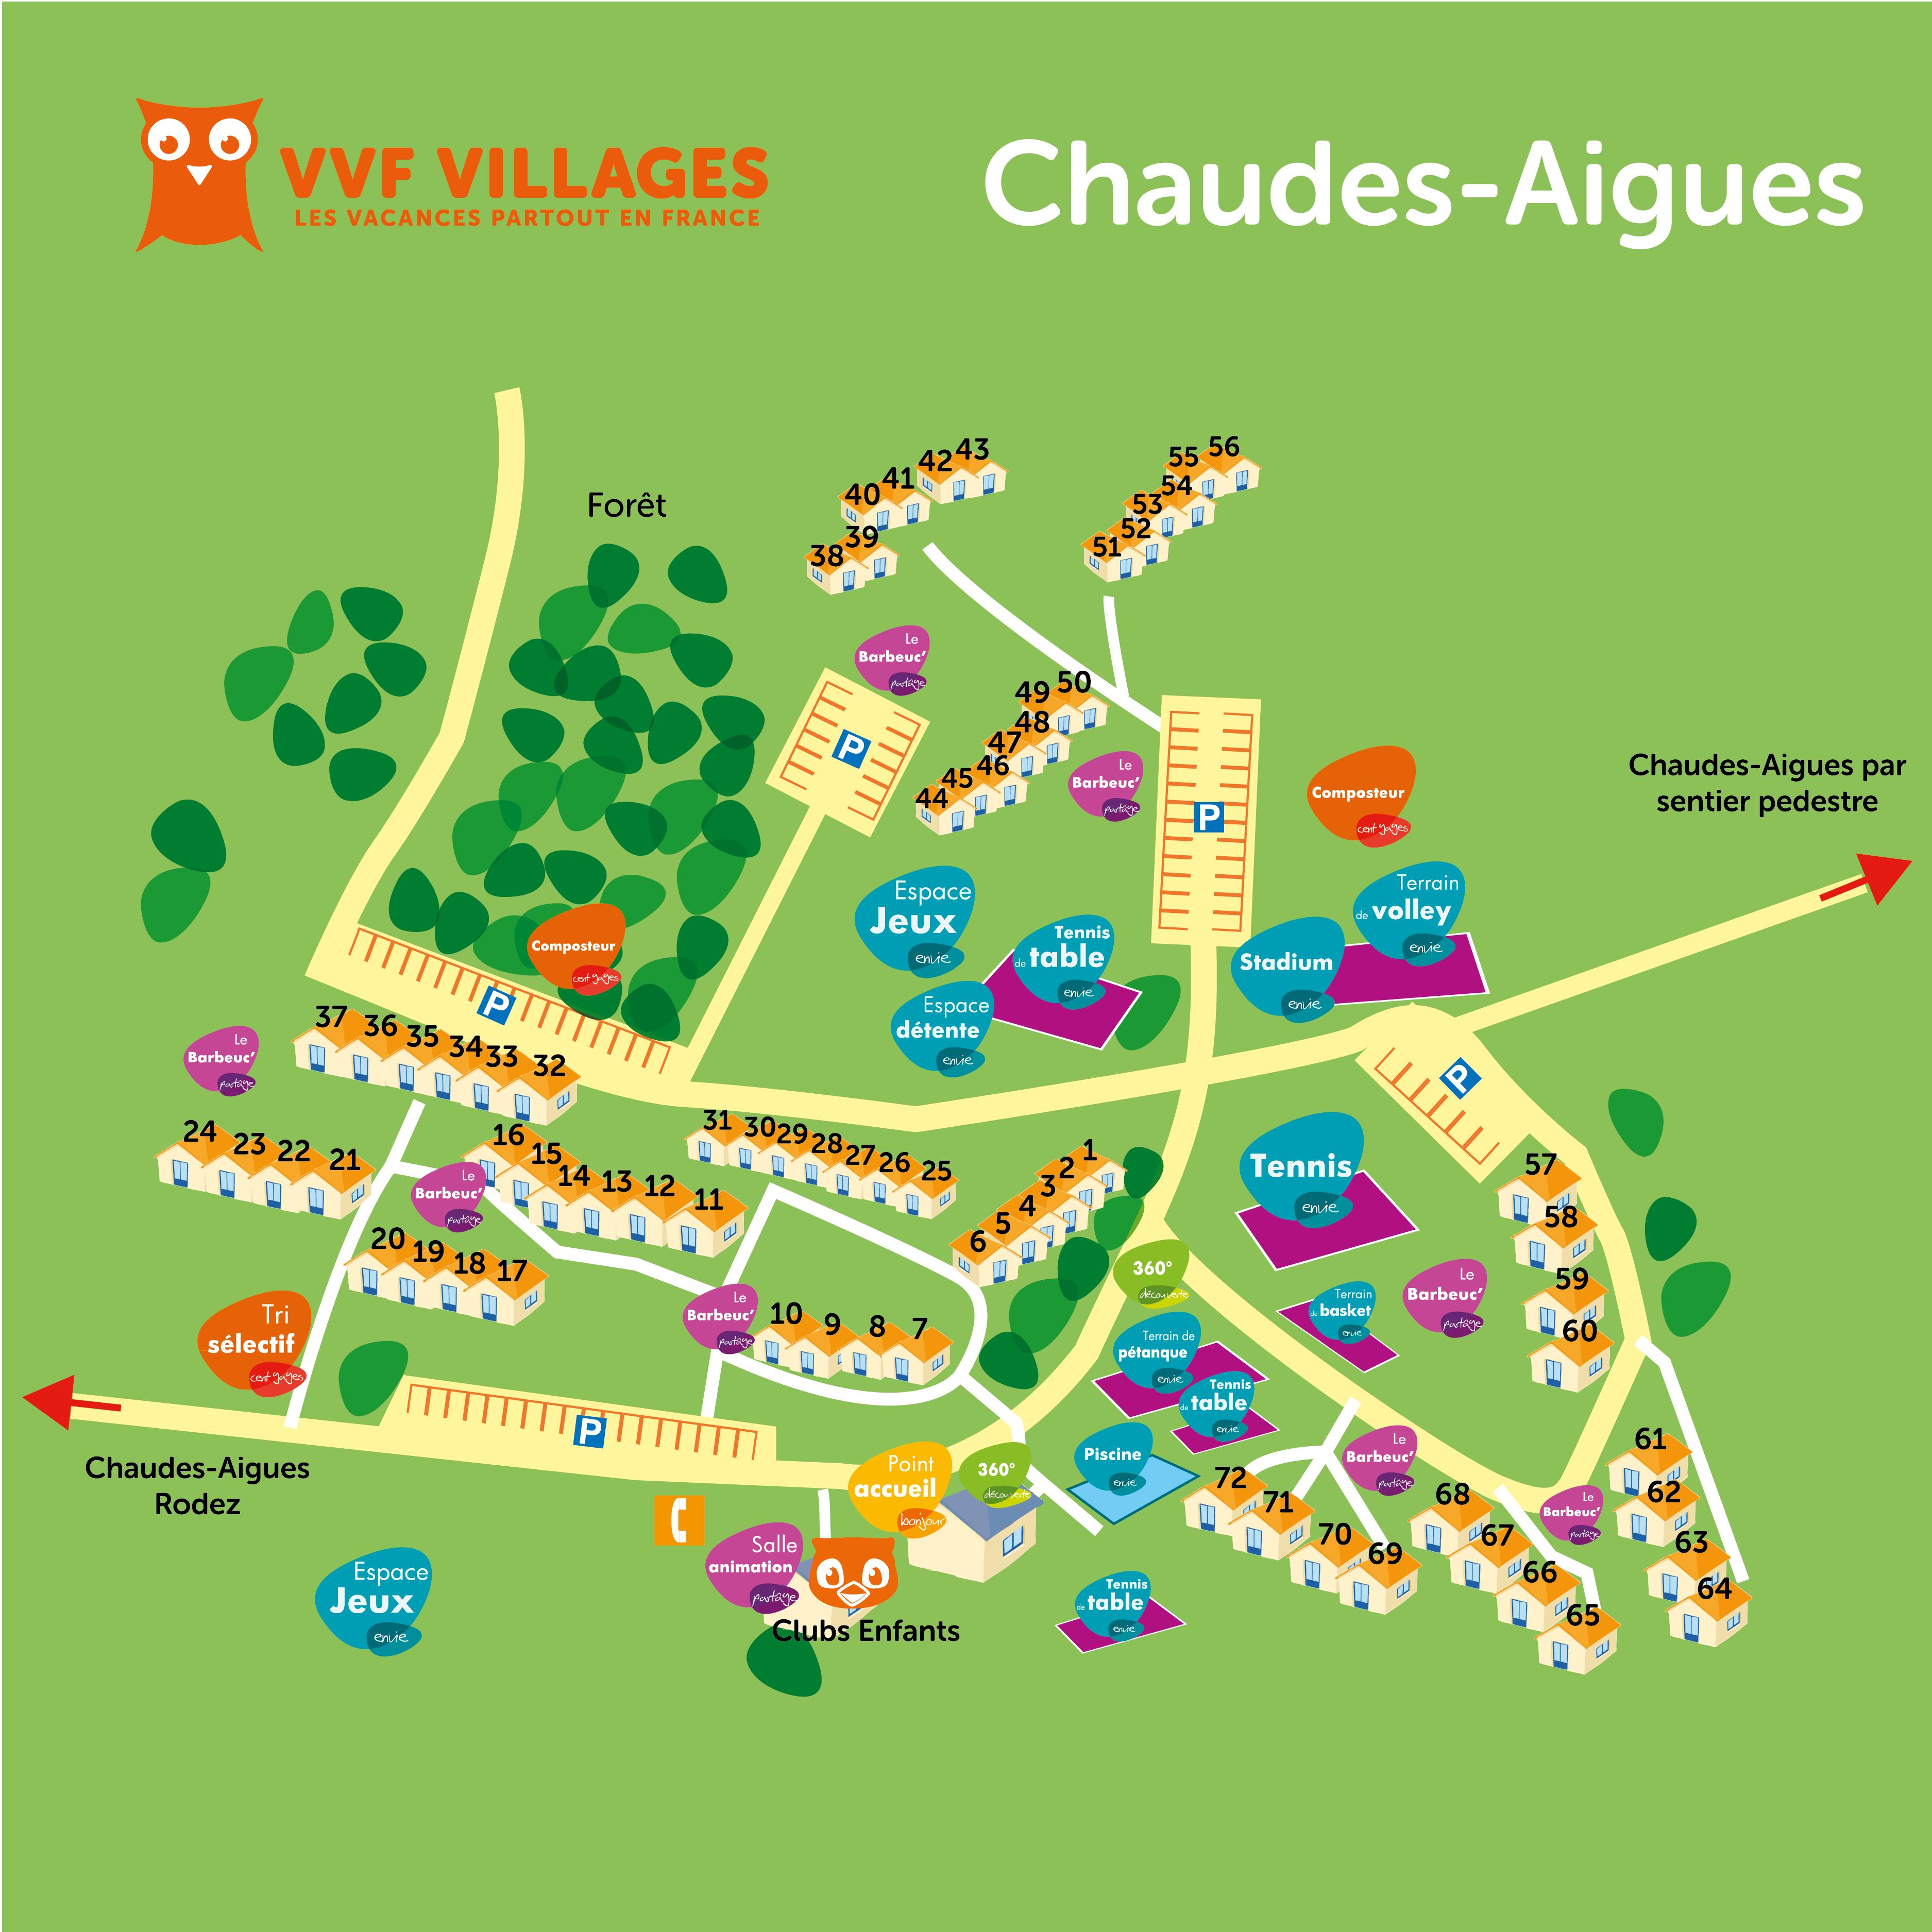 Plan du village de Chaudes-Aigues